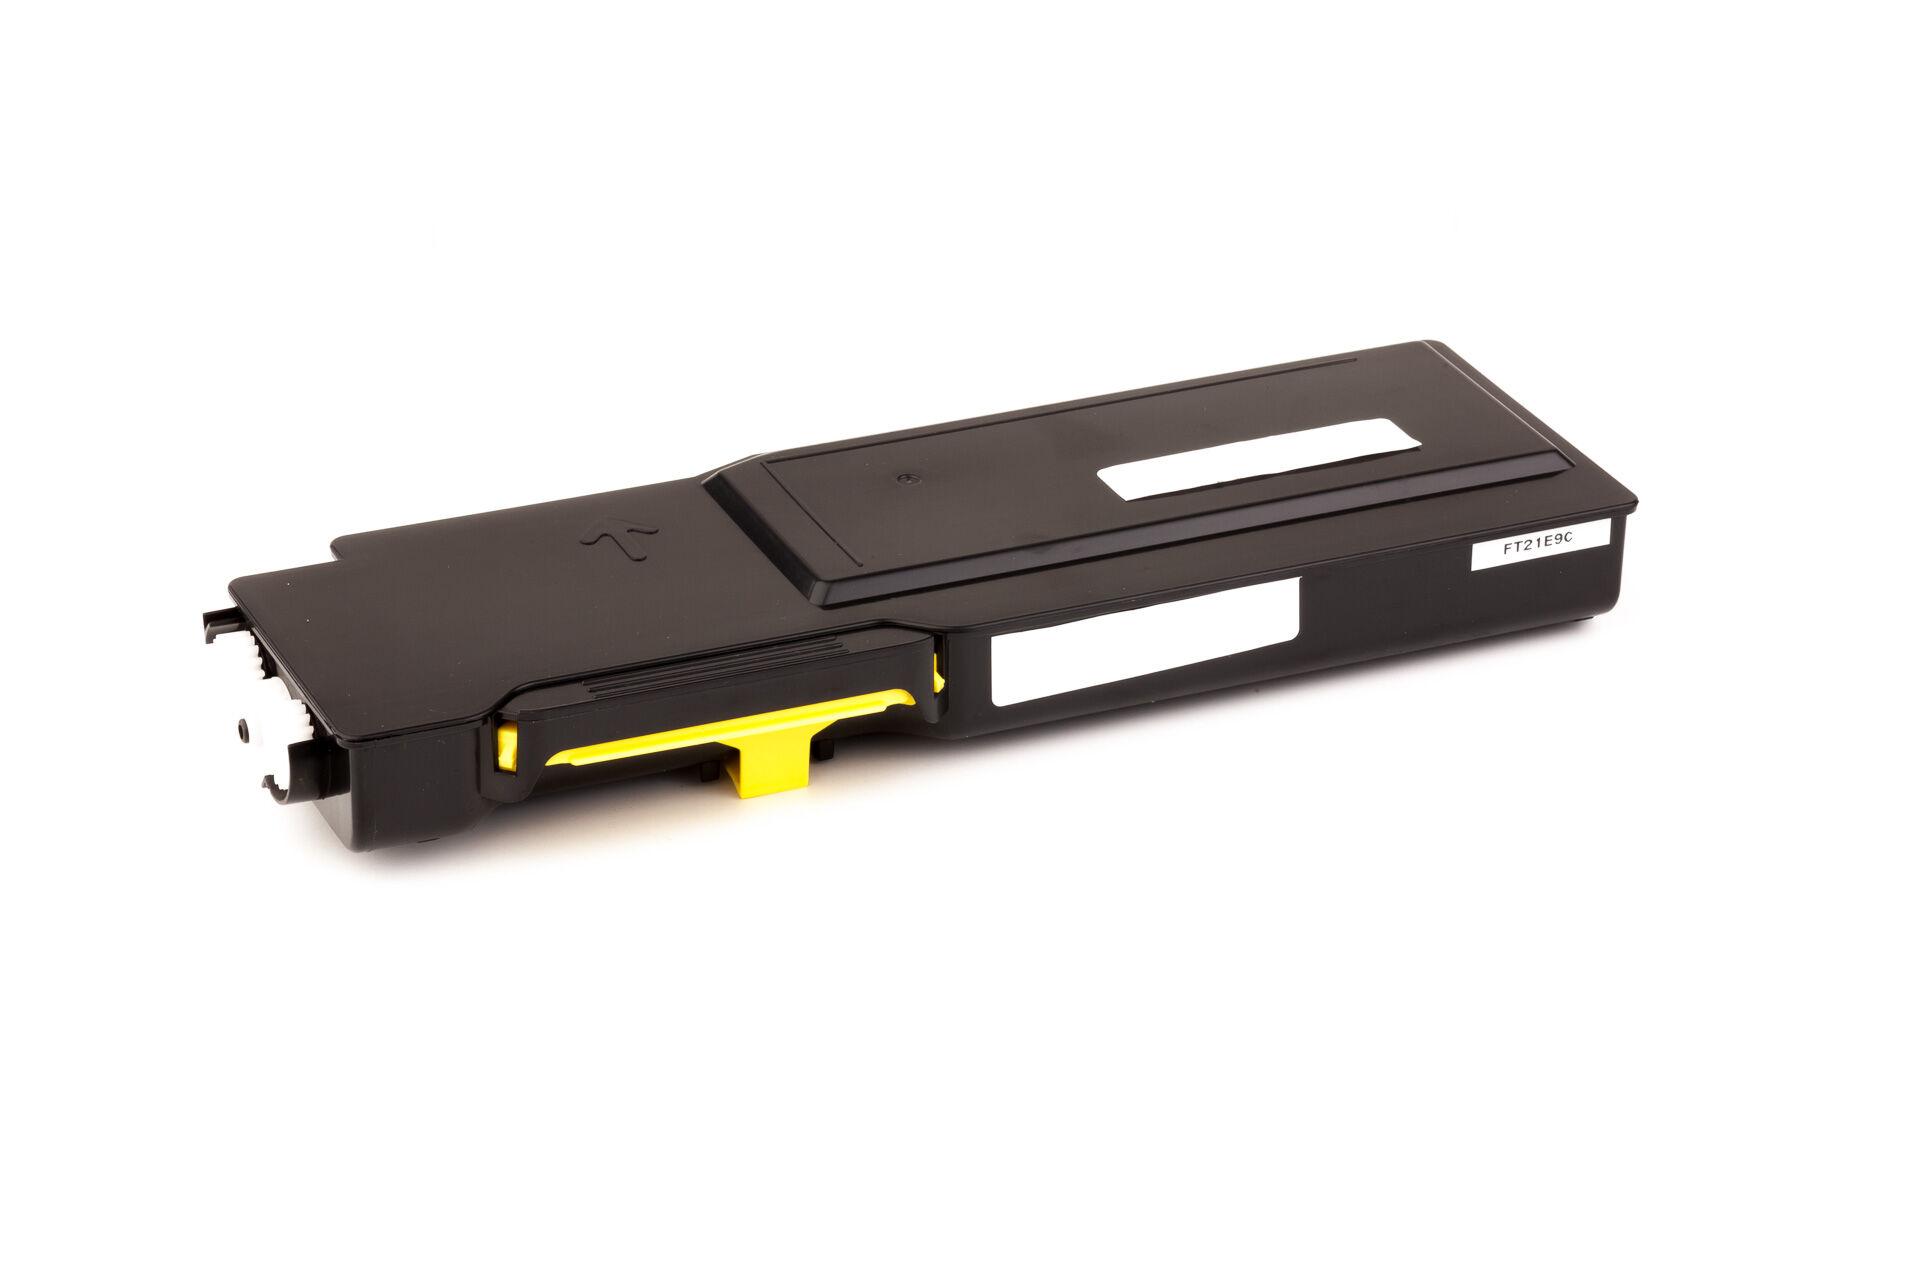 Dell Cartouche de Toner pour Dell 59311116 / KGGK4 jaune compatible (de marque ASC)